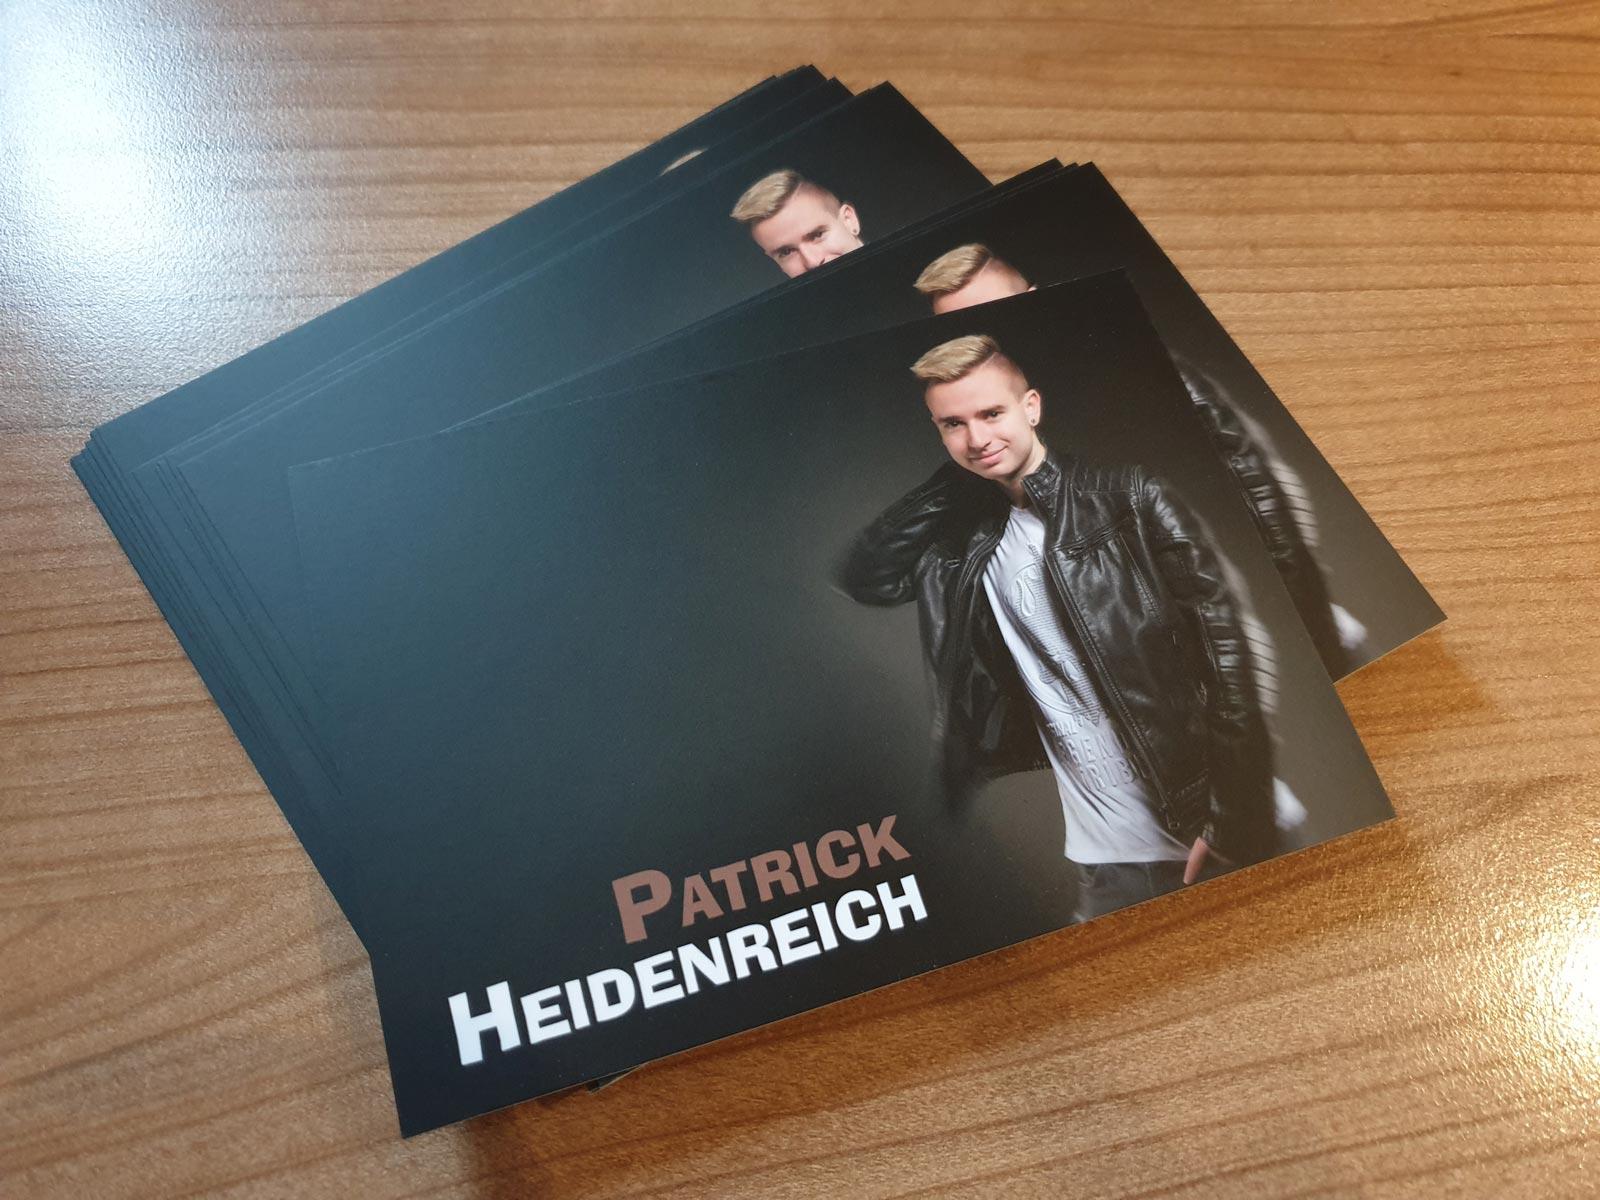 patrick heidenreich autogrammkarten